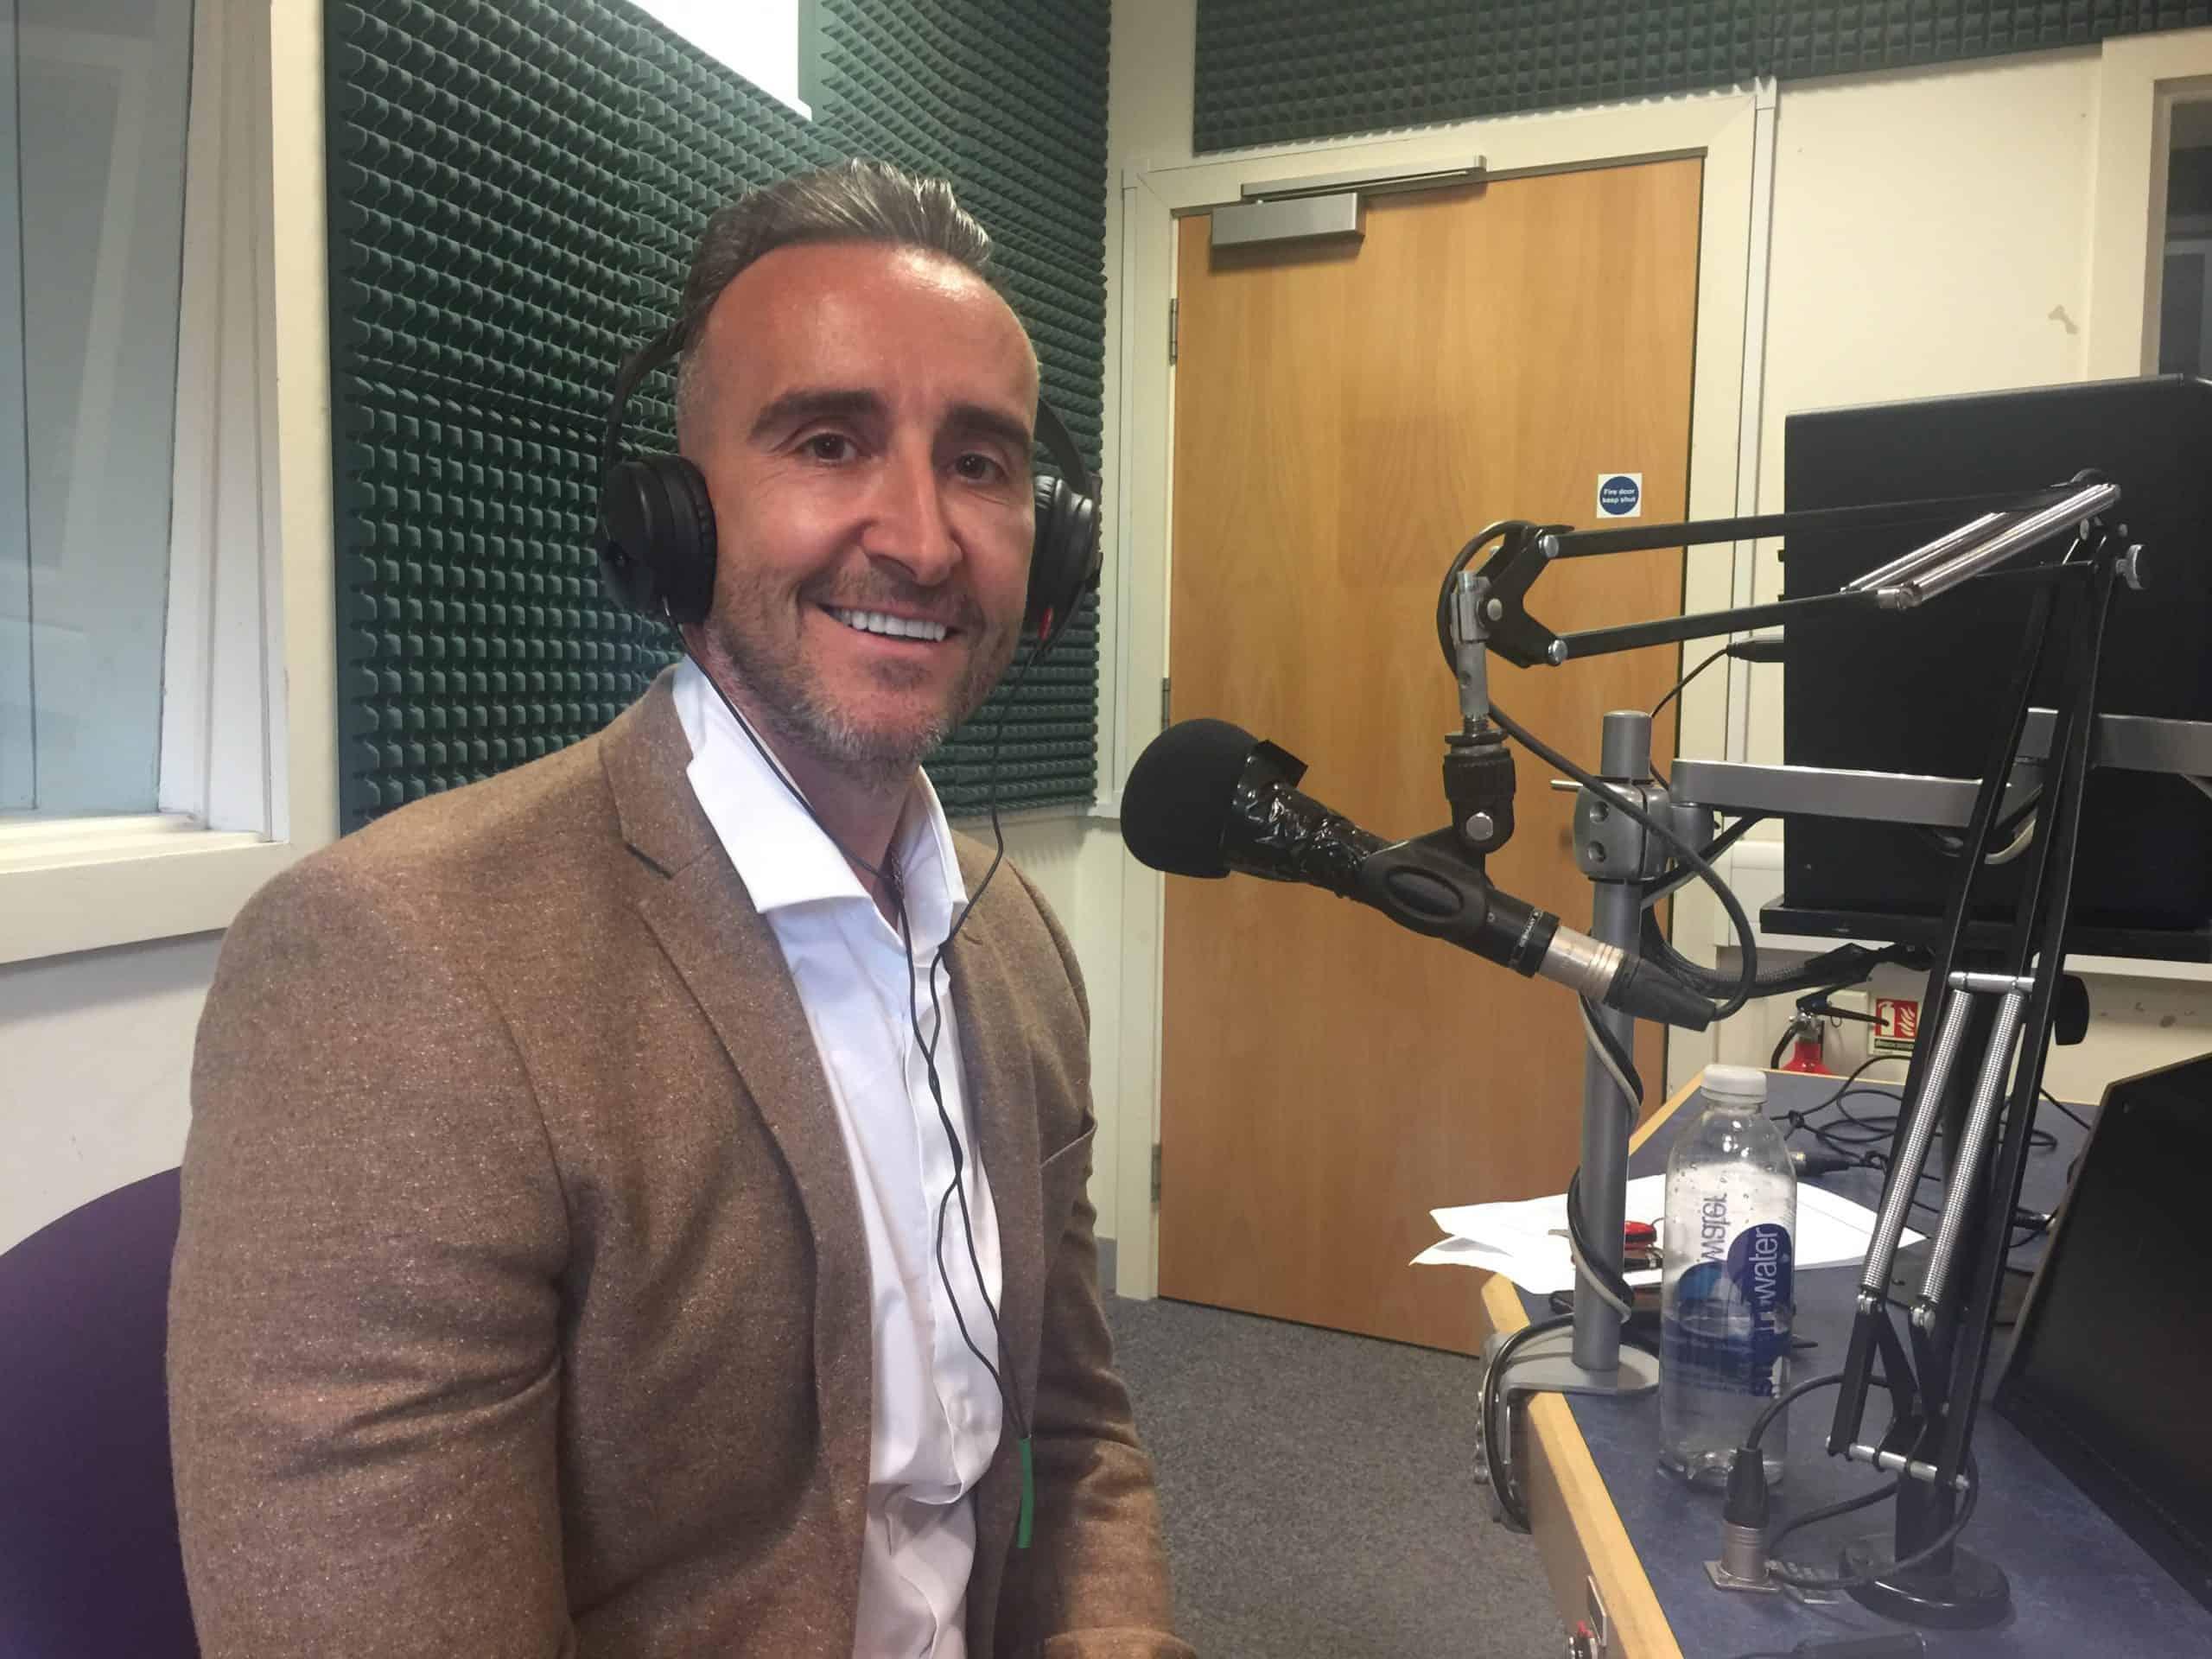 Simon-Lancaster-SJL-Foundation-Founder-Siren-Radio-SJL-Insurance-Brokers